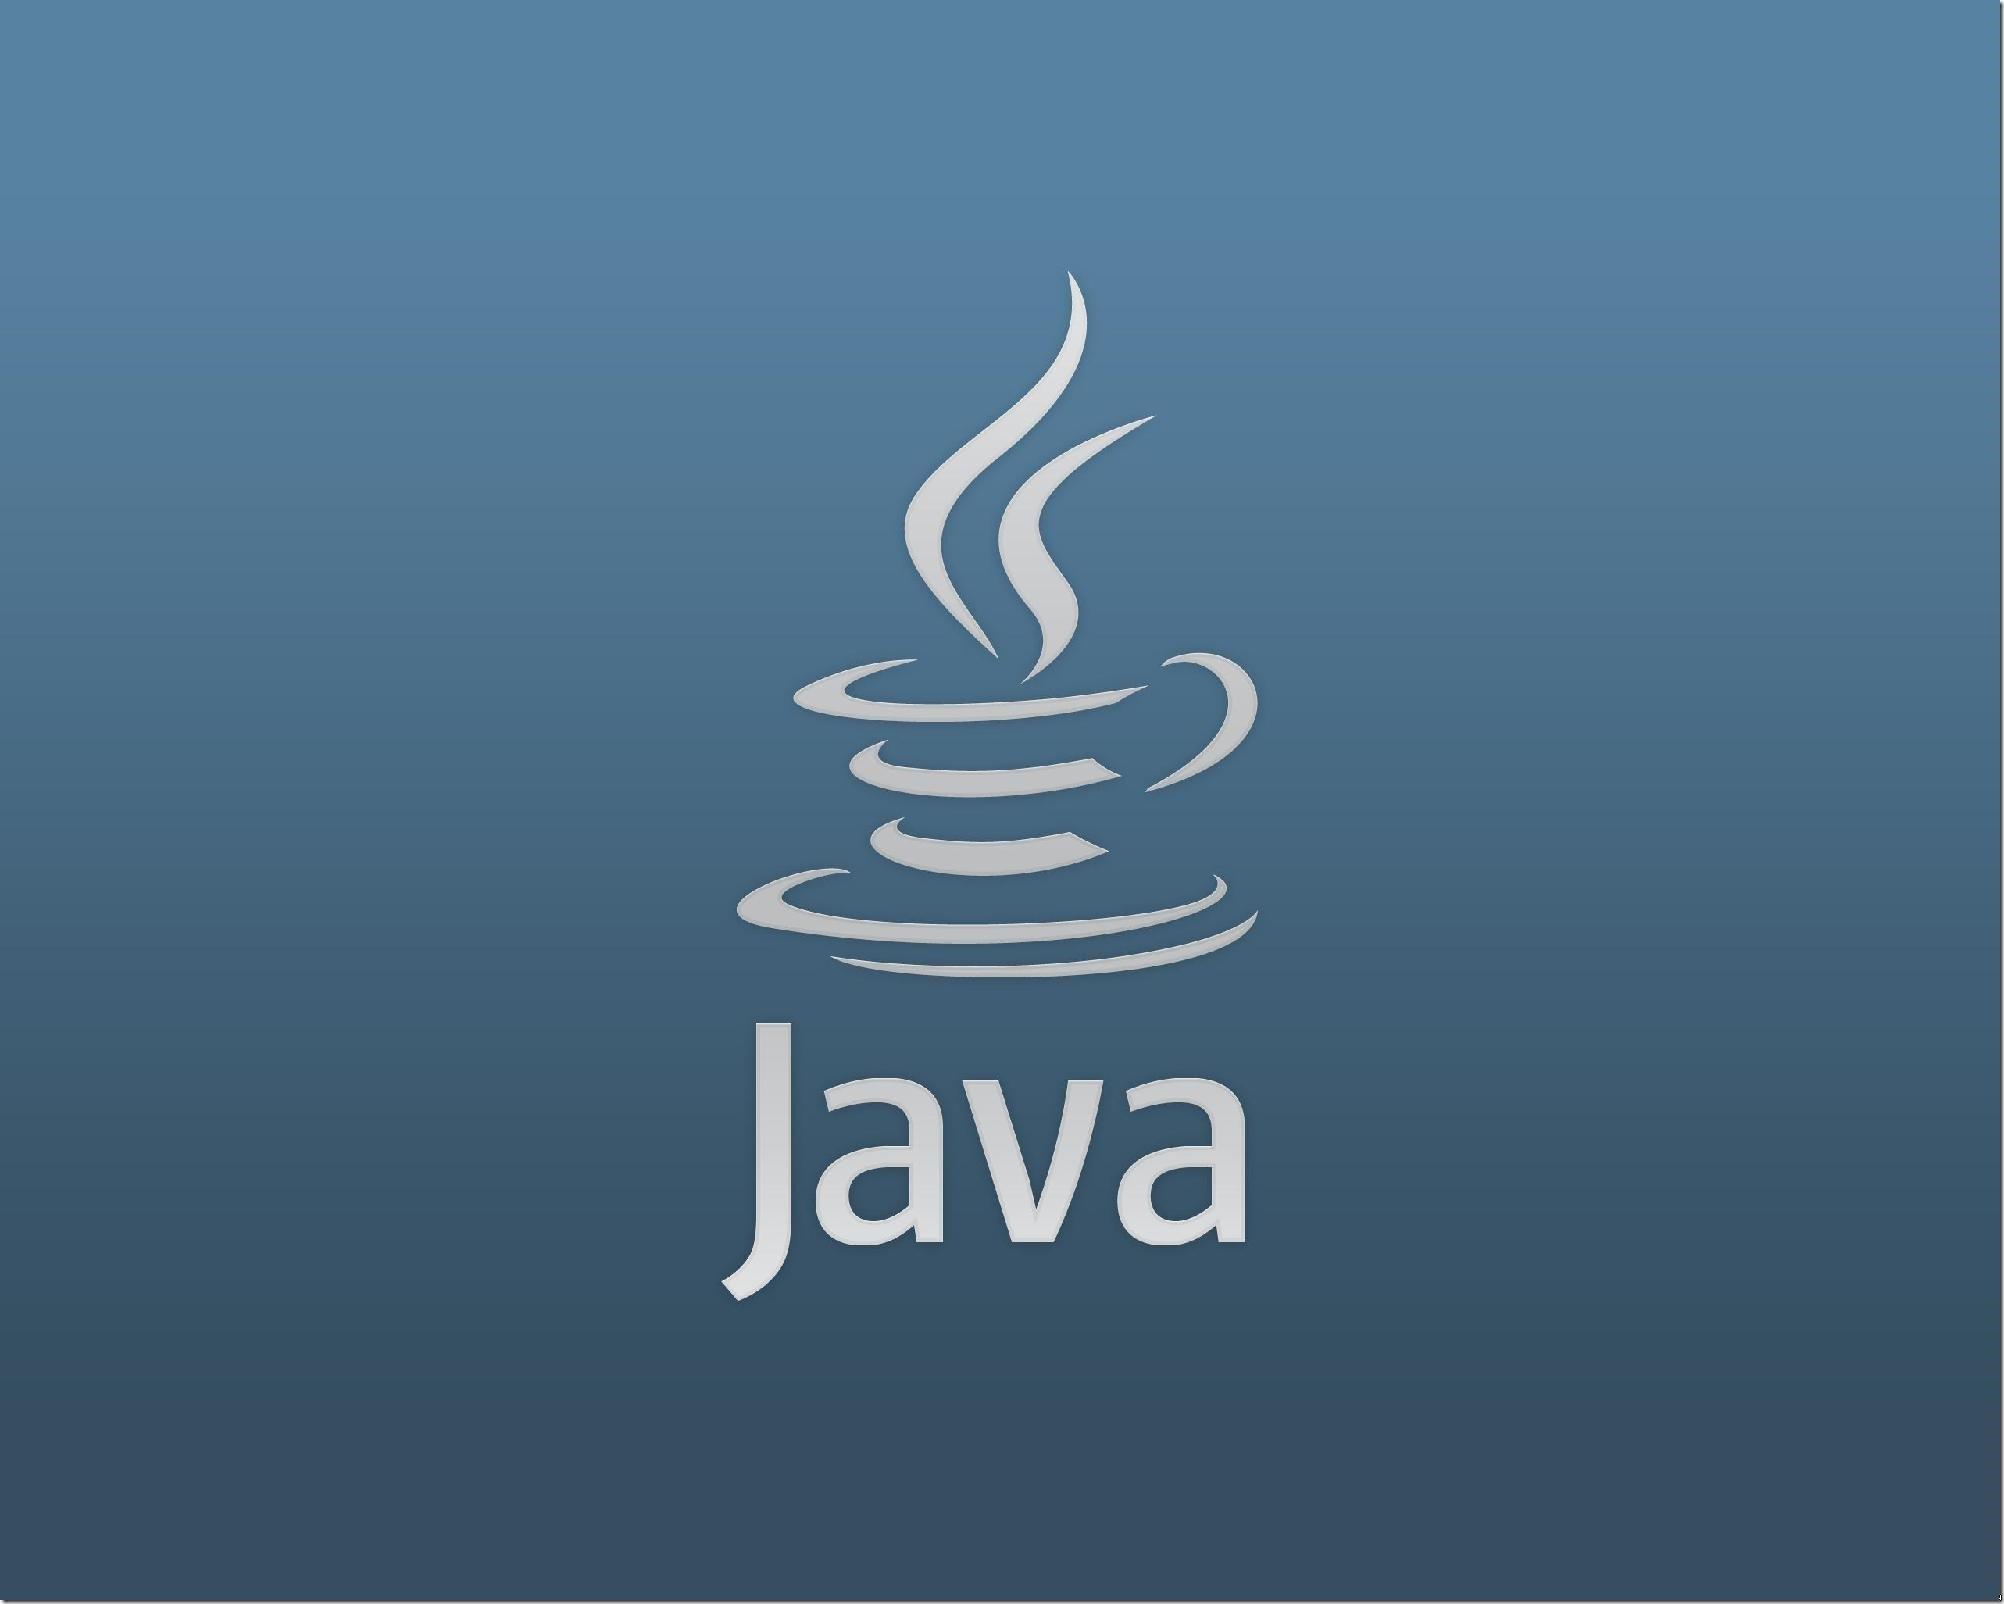 学Java要那些基础?零基础可以学吗?